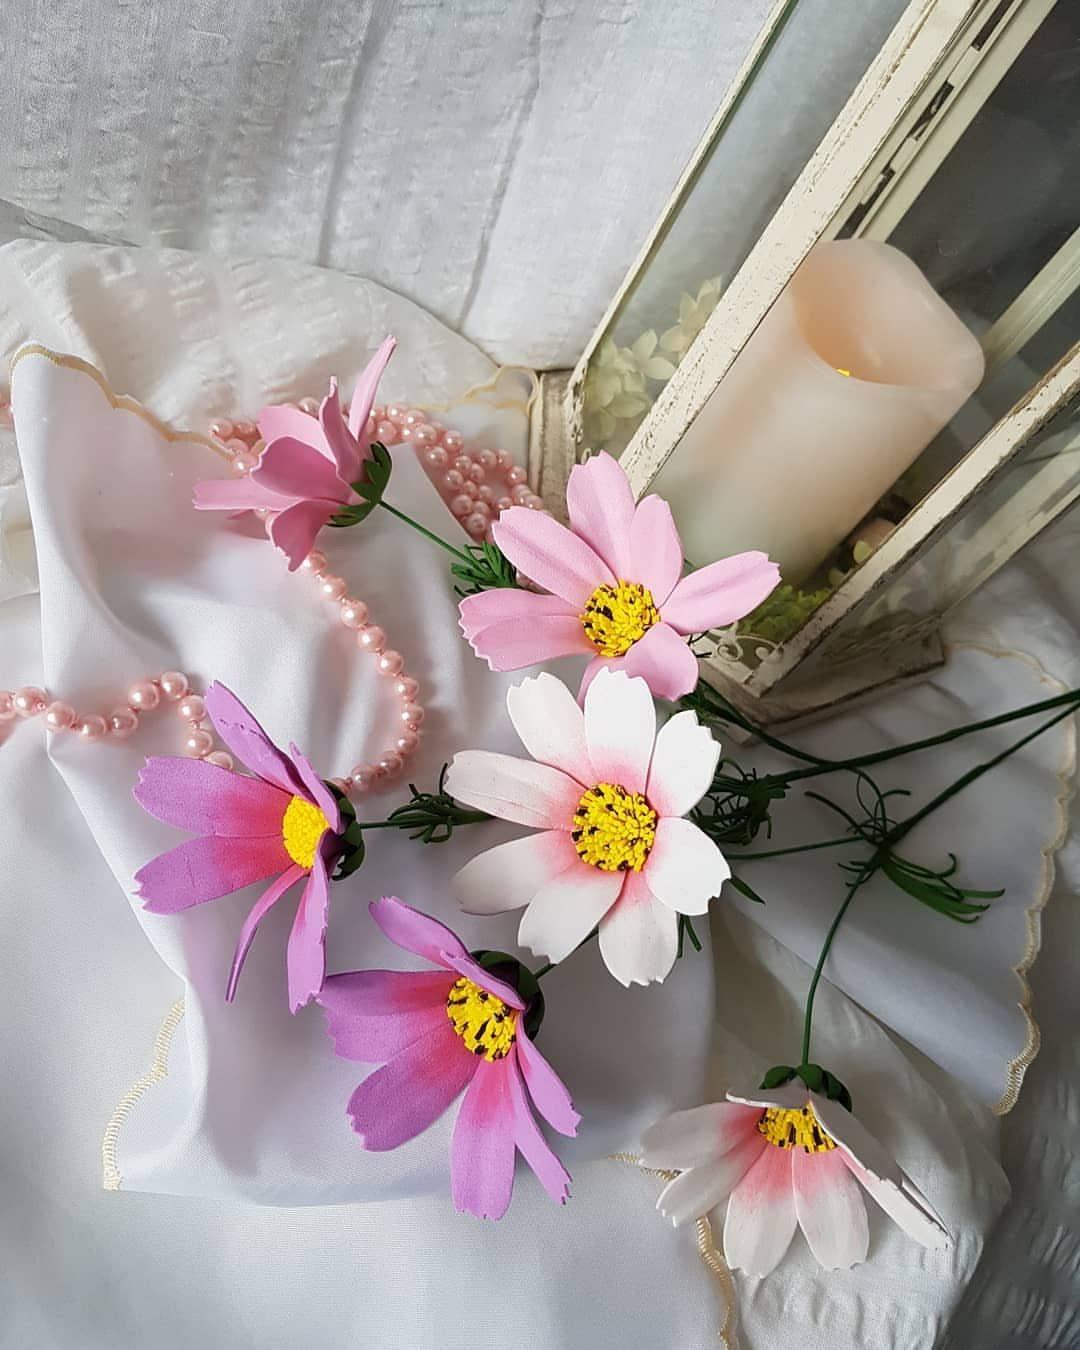 Искусственные цветы для домашнего интерьера: Красота на долгие годы (букеты, композиции, экибаны)